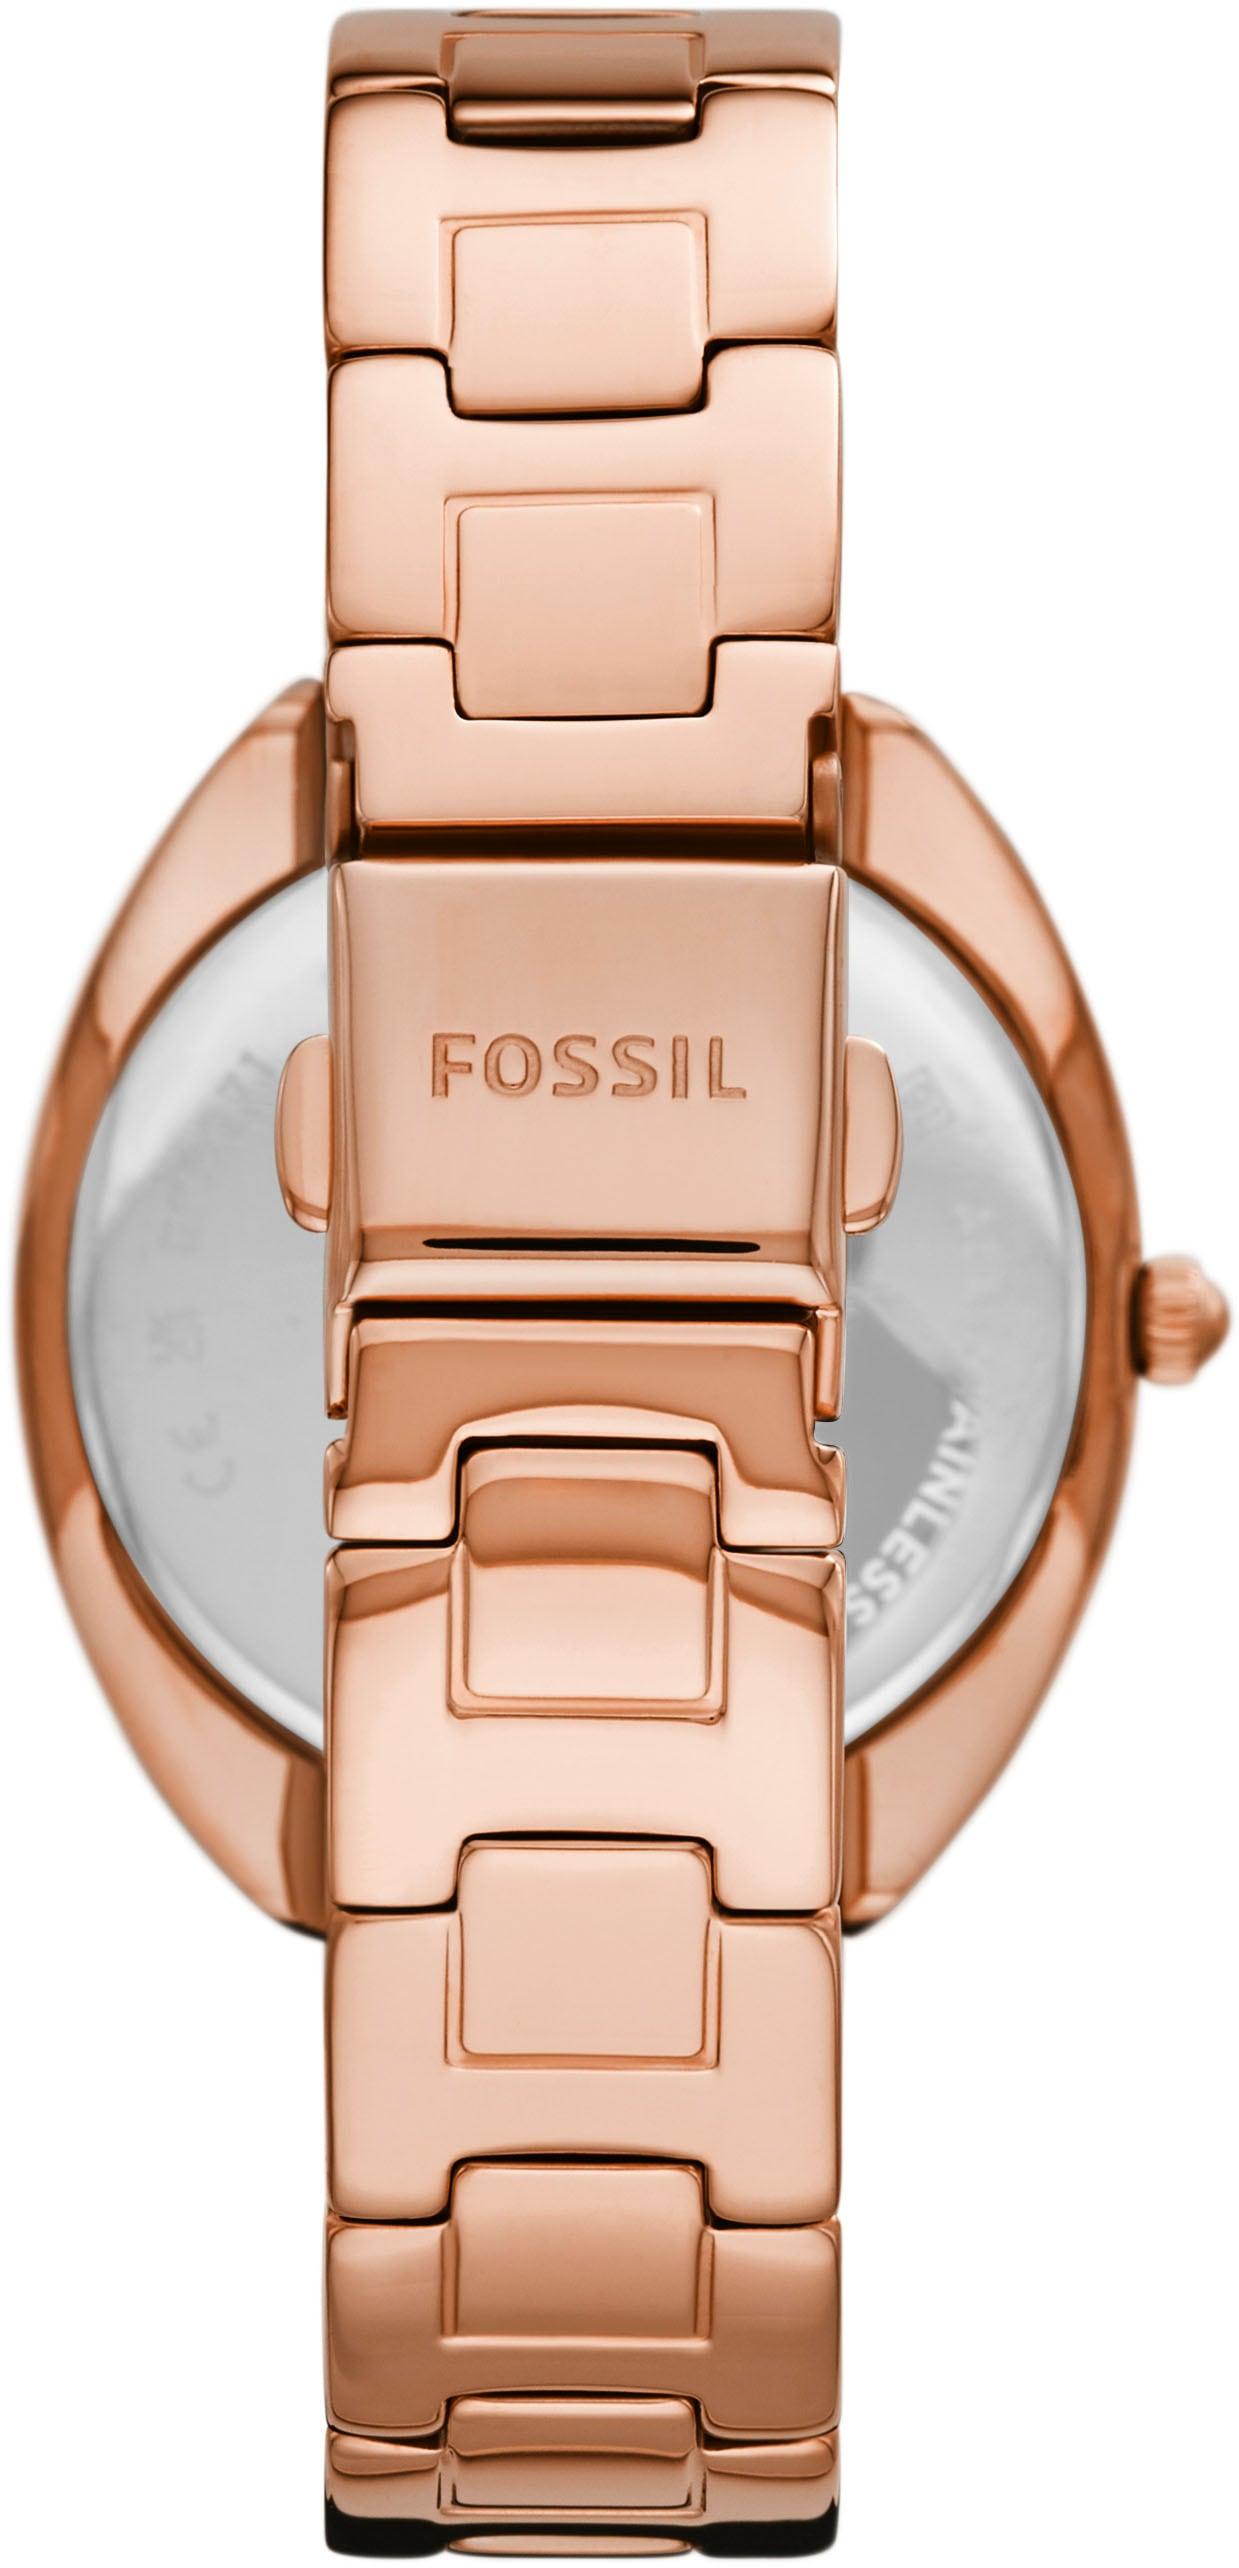 Fossil Quarzuhr GABBY, ES5070, (1 tlg.) günstig online kaufen